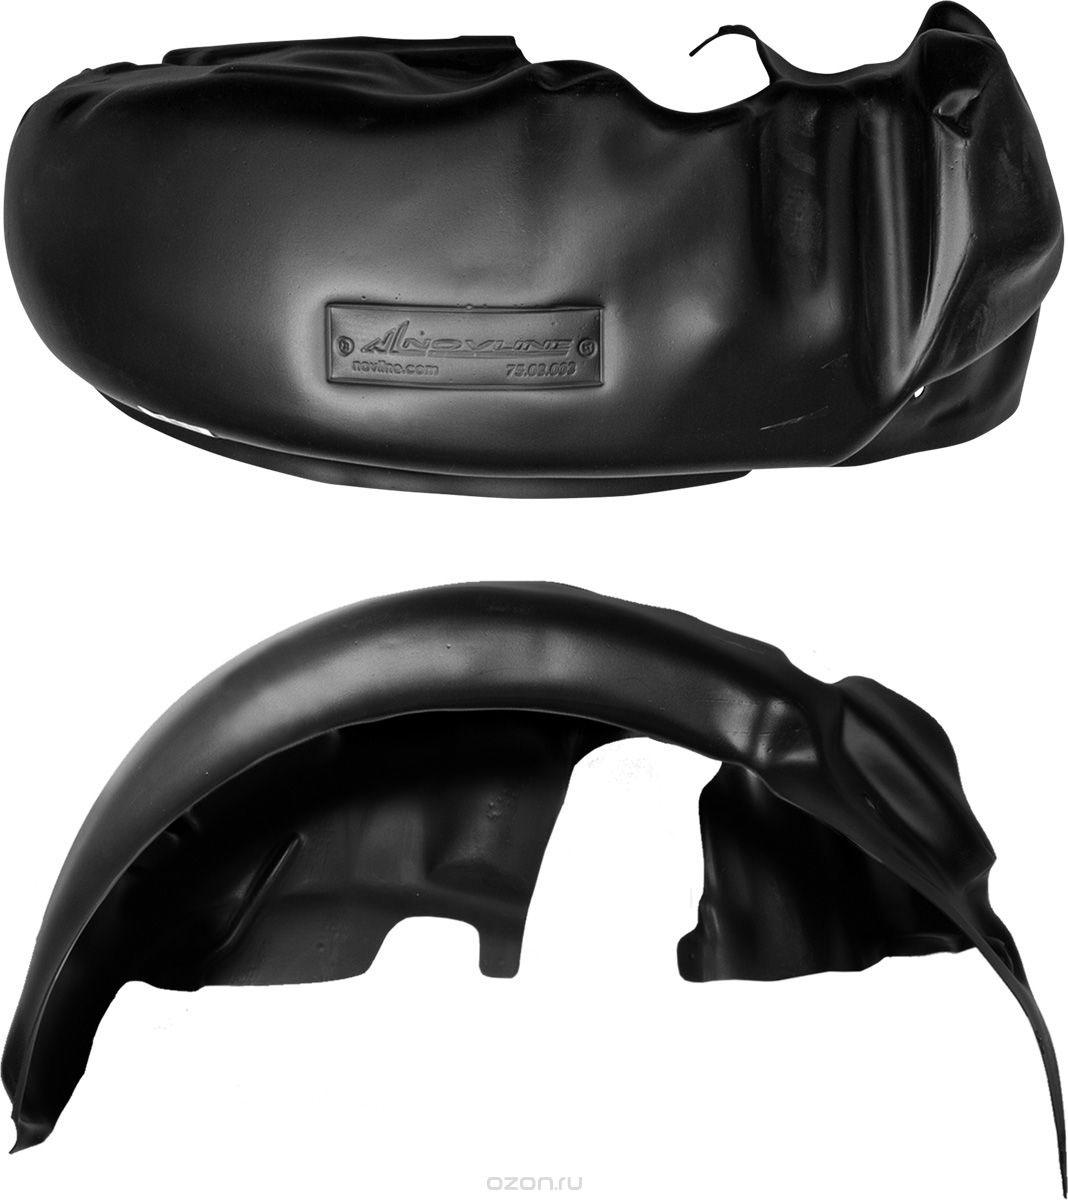 Подкрылок Novline-Autofamily, для Mitsubishi Outlander, 2015->, задний правыйNLL.35.31.004Идеальная защита колесной ниши. Локеры разработаны с применением цифровых технологий, гарантируют максимальную повторяемость поверхности арки. Изделия устанавливаются без нарушения лакокрасочного покрытия автомобиля, каждый подкрылок комплектуется крепежом. Уважаемые клиенты, обращаем ваше внимание, что фотографии на подкрылки универсальные и не отражают реальную форму изделия. При этом само изделие идет точно под размер указанного автомобиля.